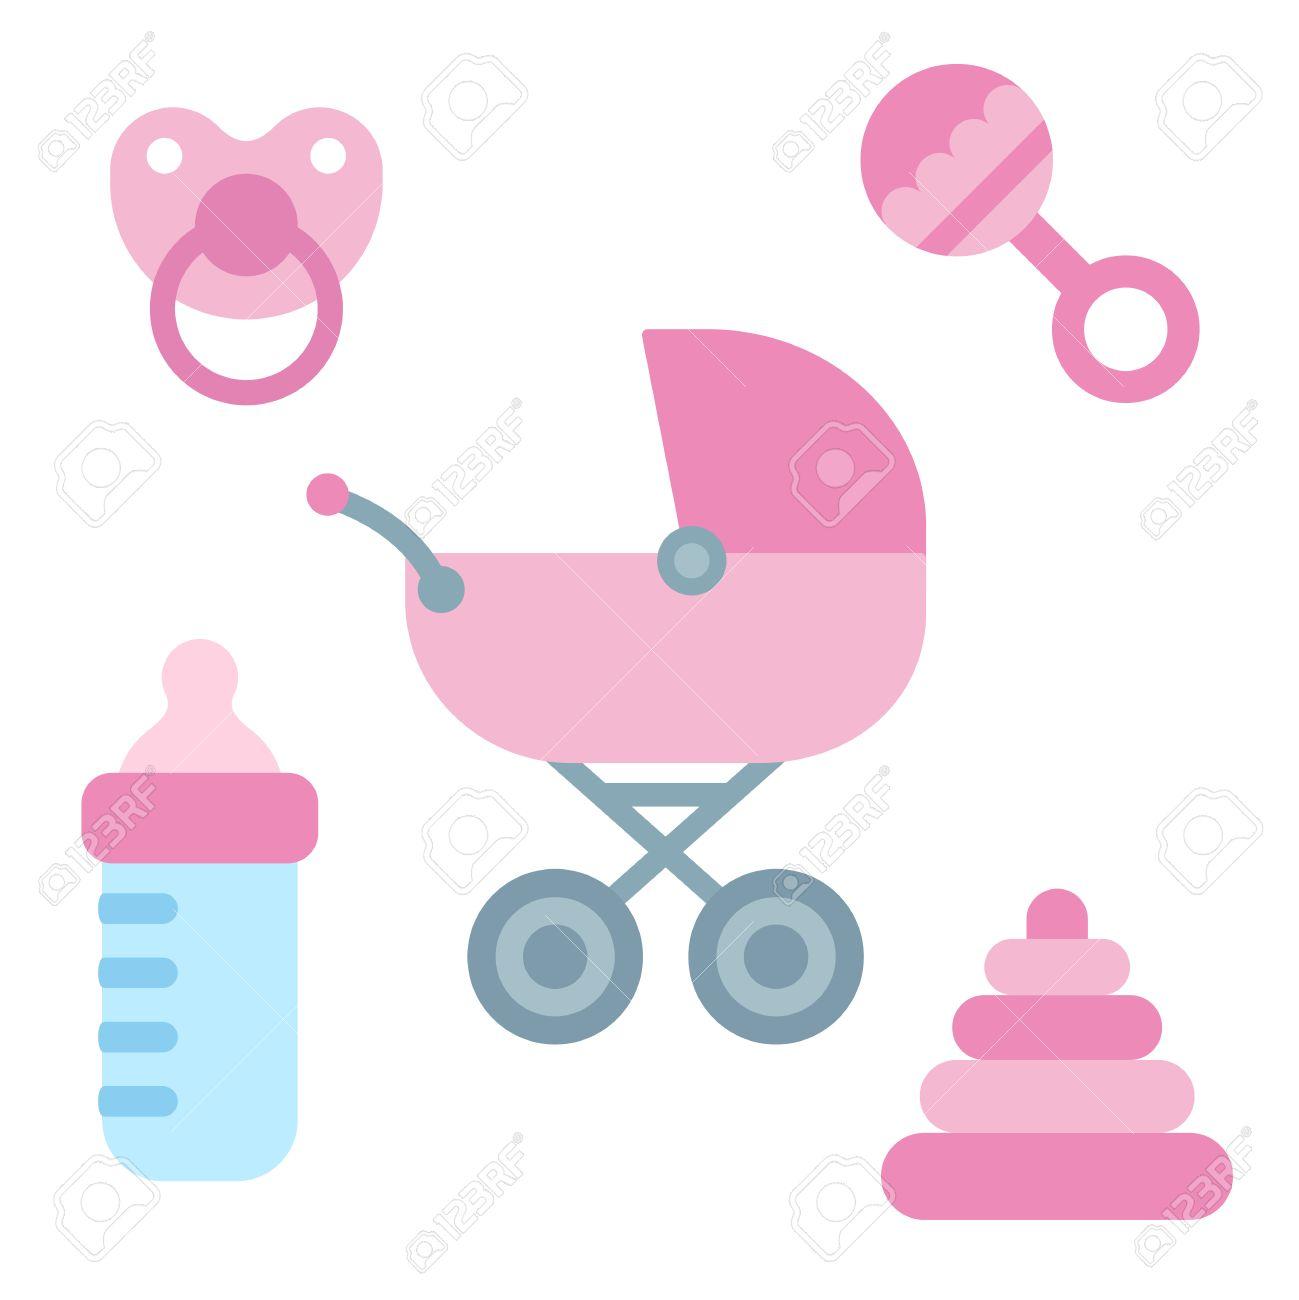 Dibujos animados artículos lindo bebé recién nacido en el color rosado femenino: cochecito, pacificador, botella de leche y juguetes. Bebé elementos